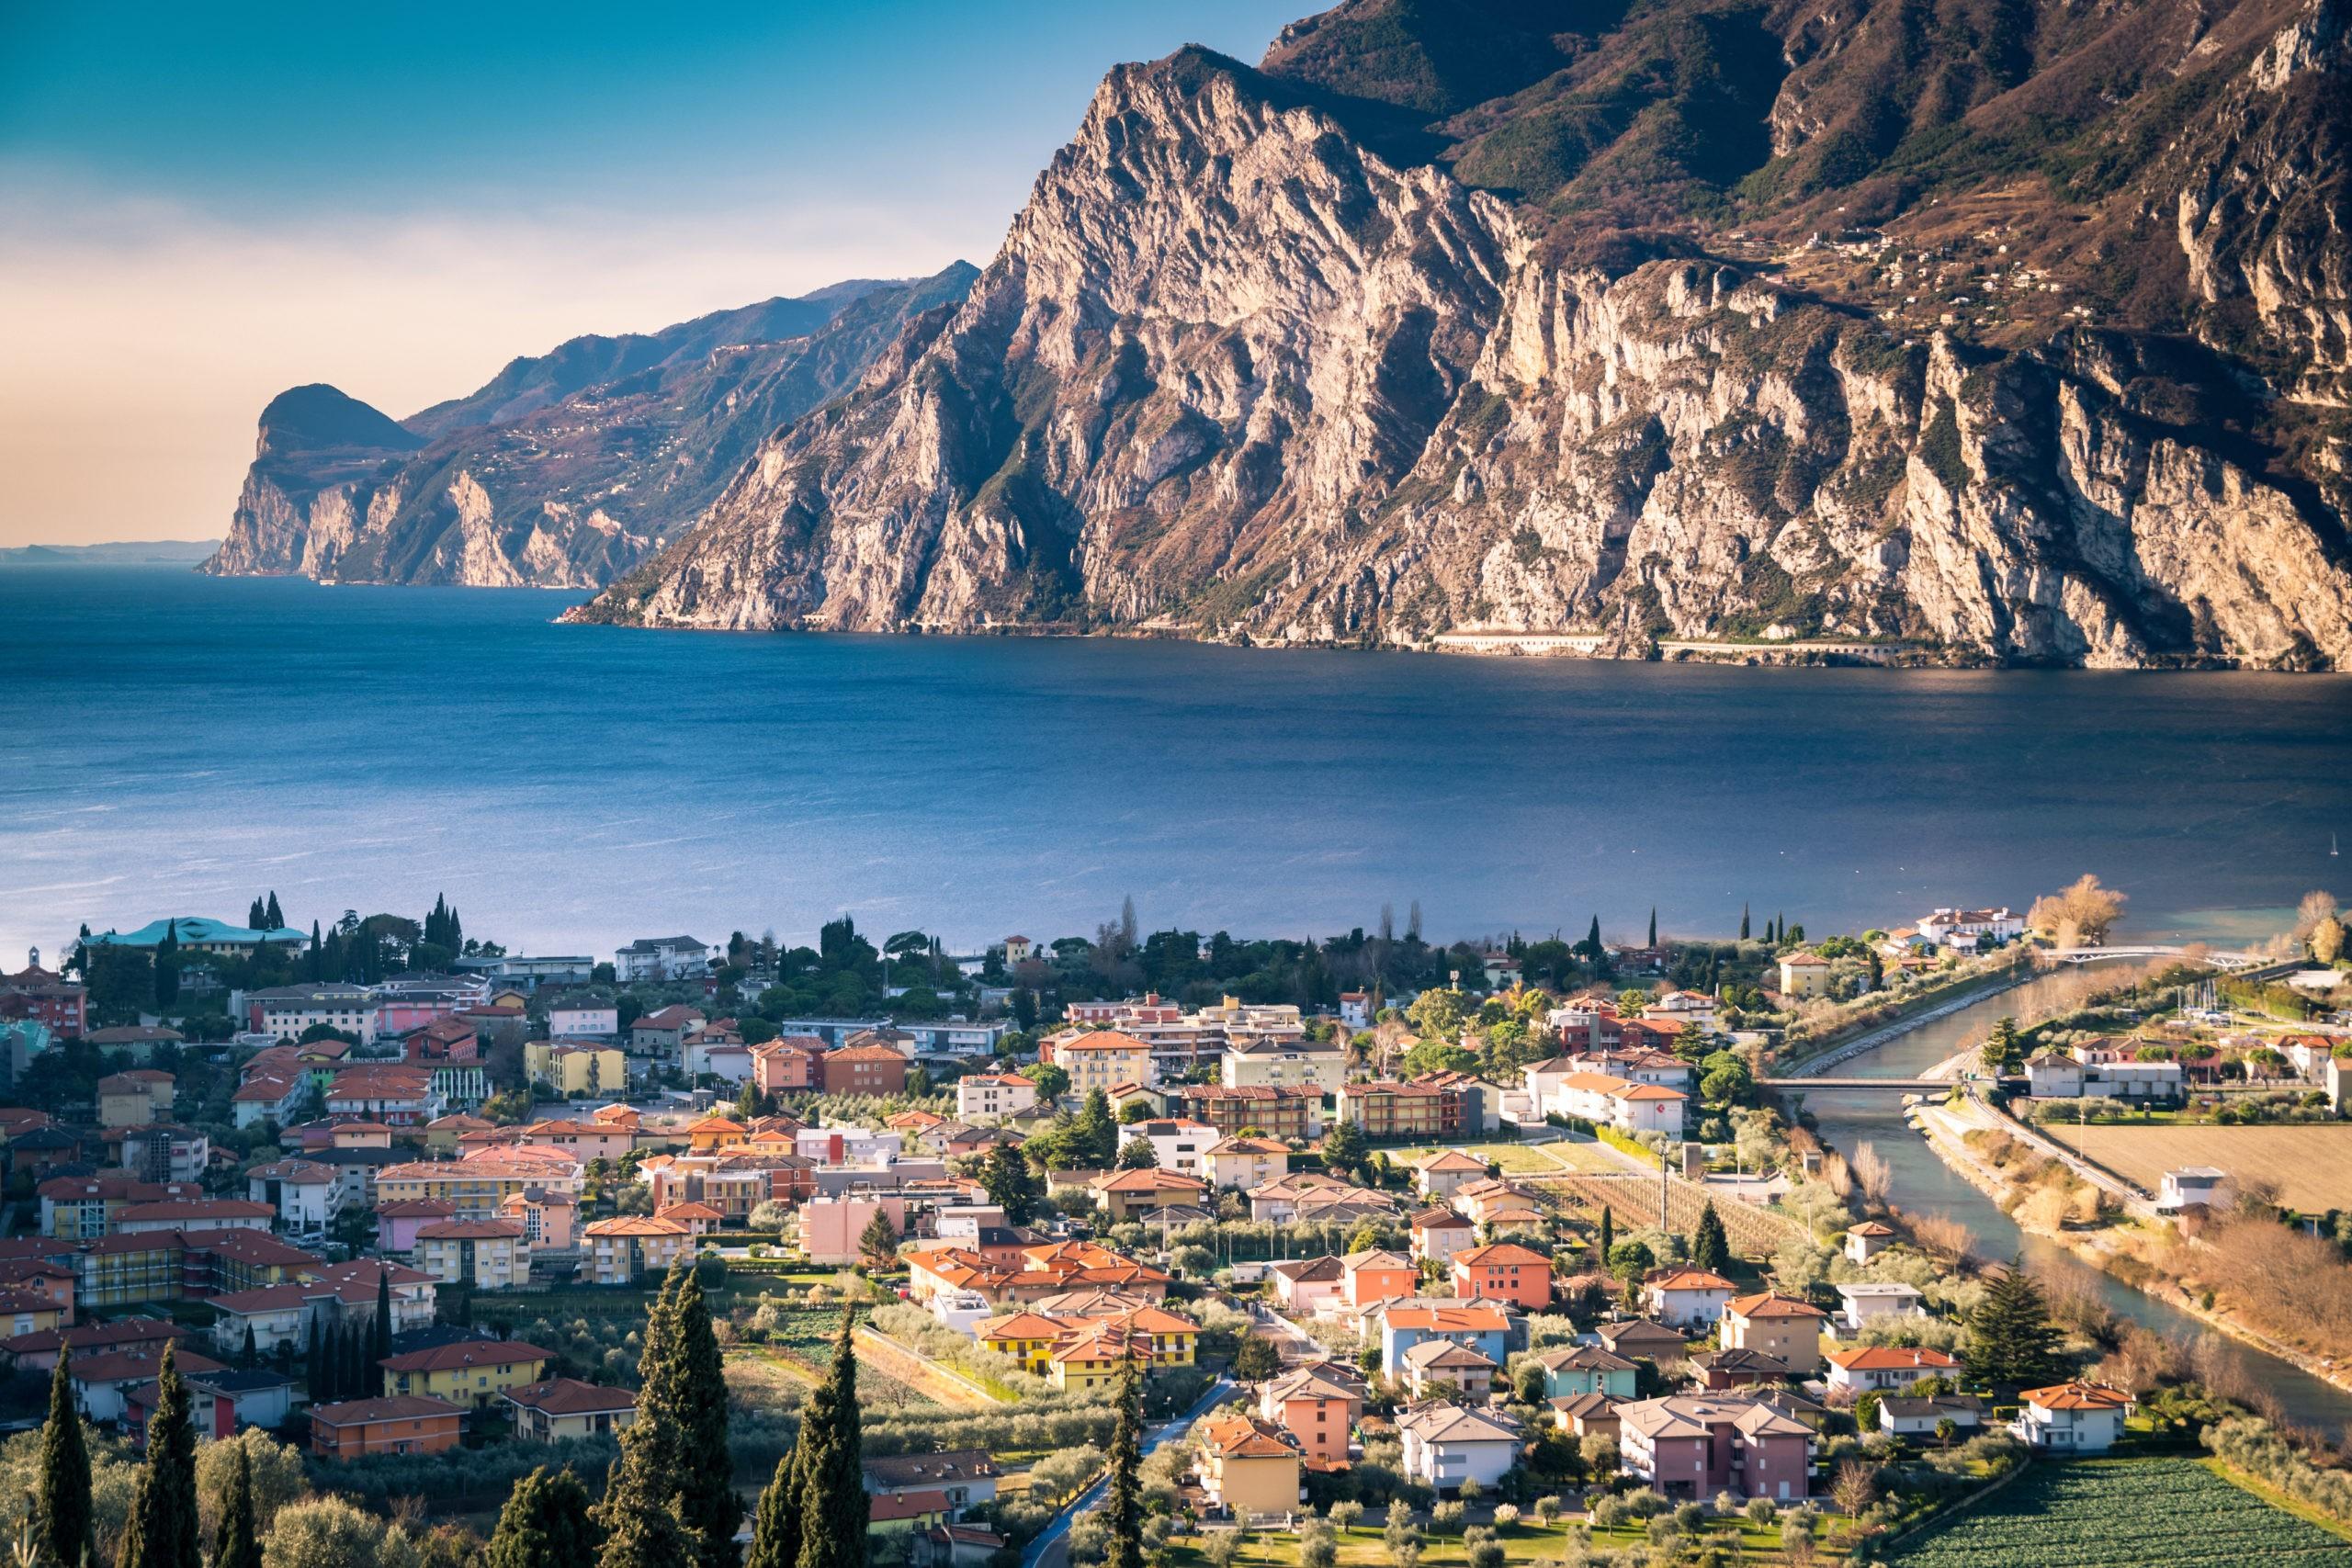 Zwiedzanie Riva Del Garda – ulubione miejsce windsurferów, co zobaczyć, zwiedzanie, noclegi